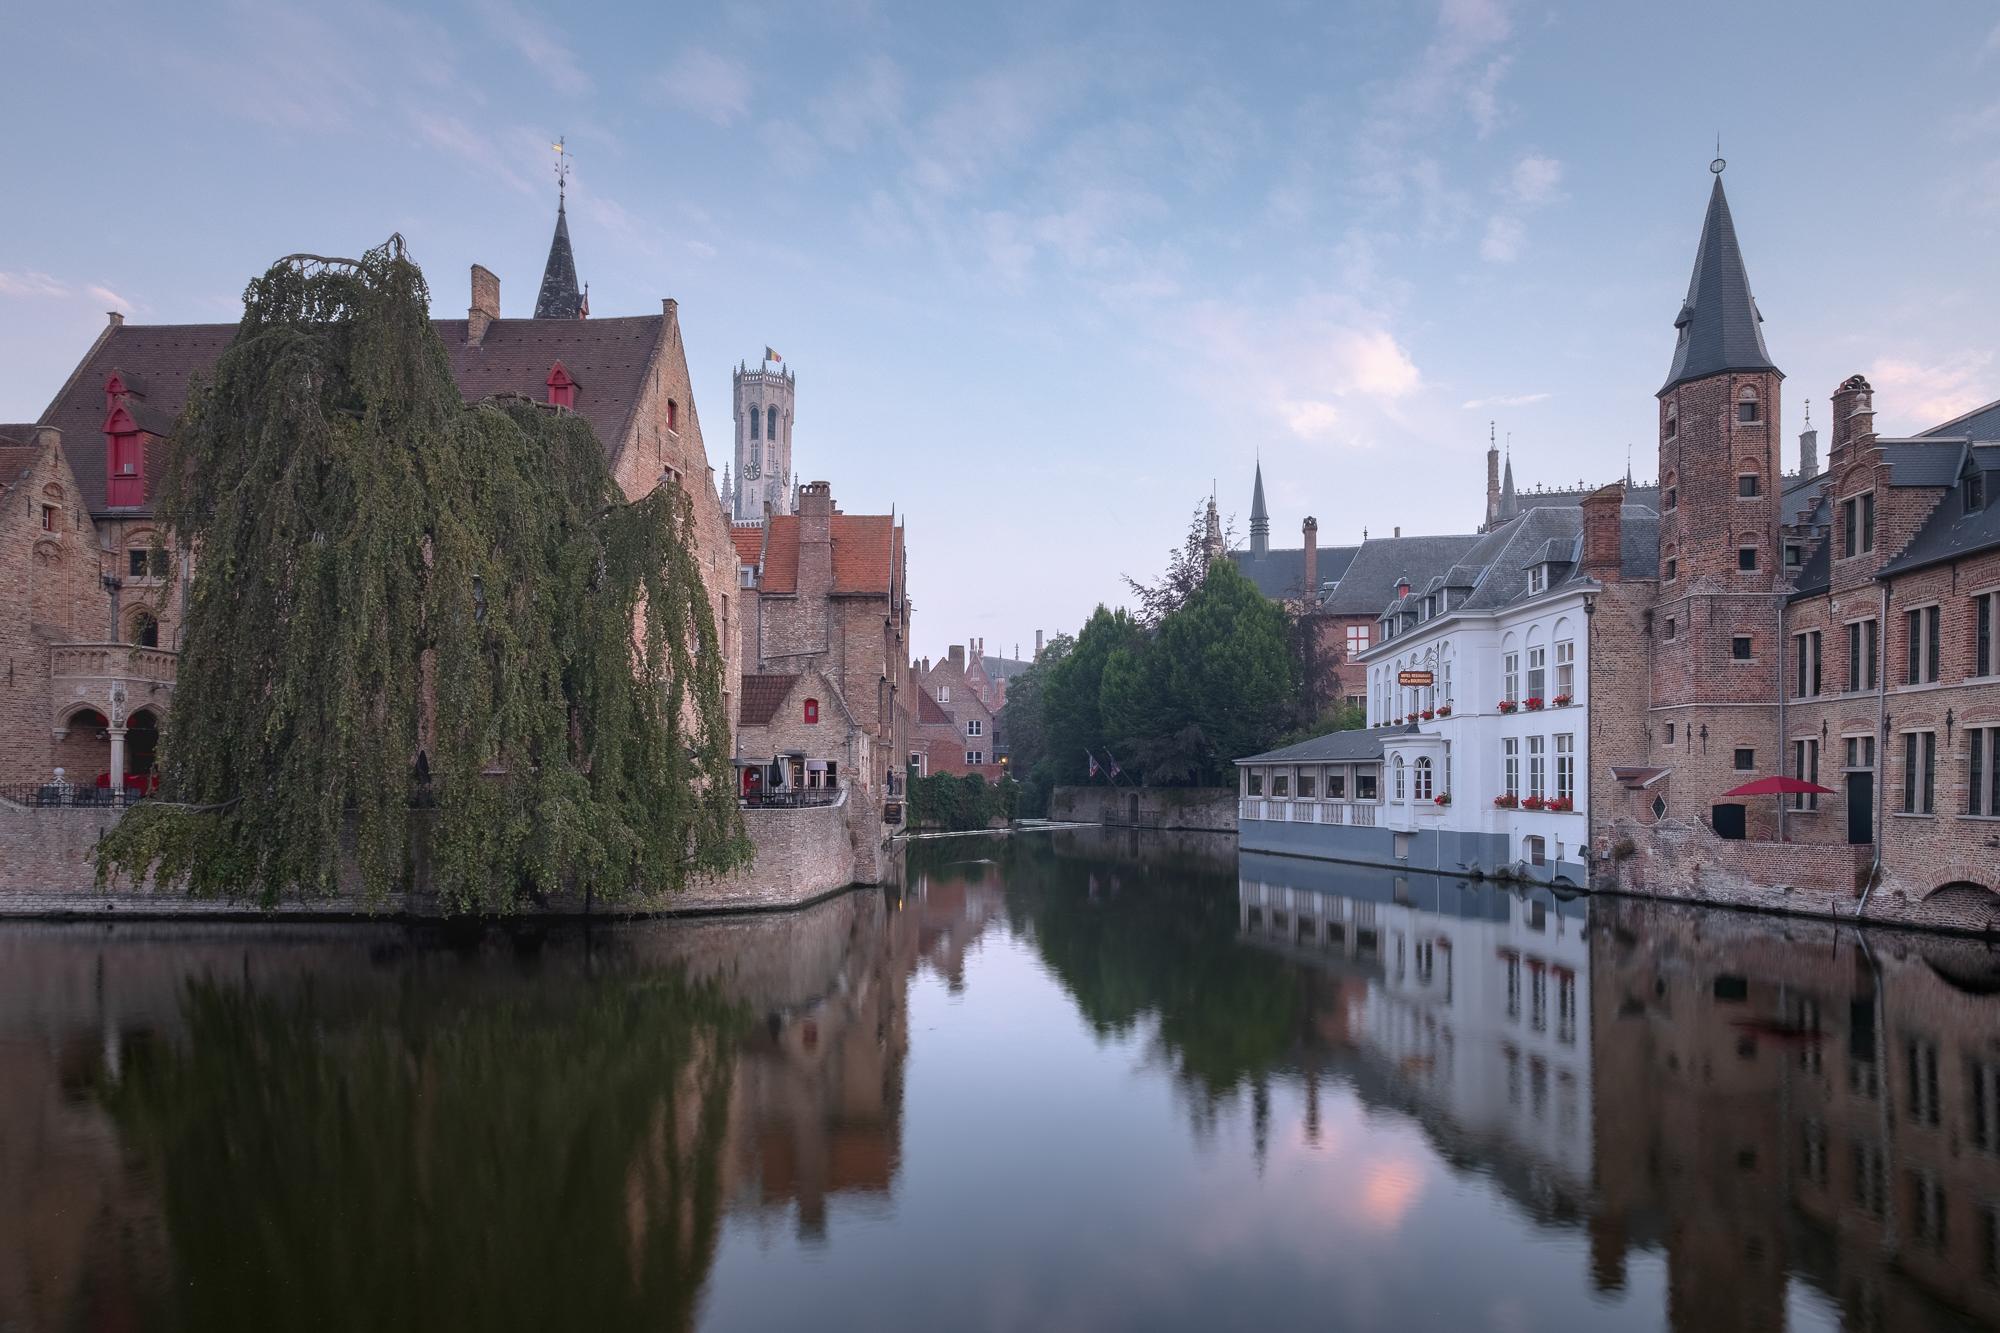 180722 - Bruges - Sunrise - Dijver Canal 002.jpg